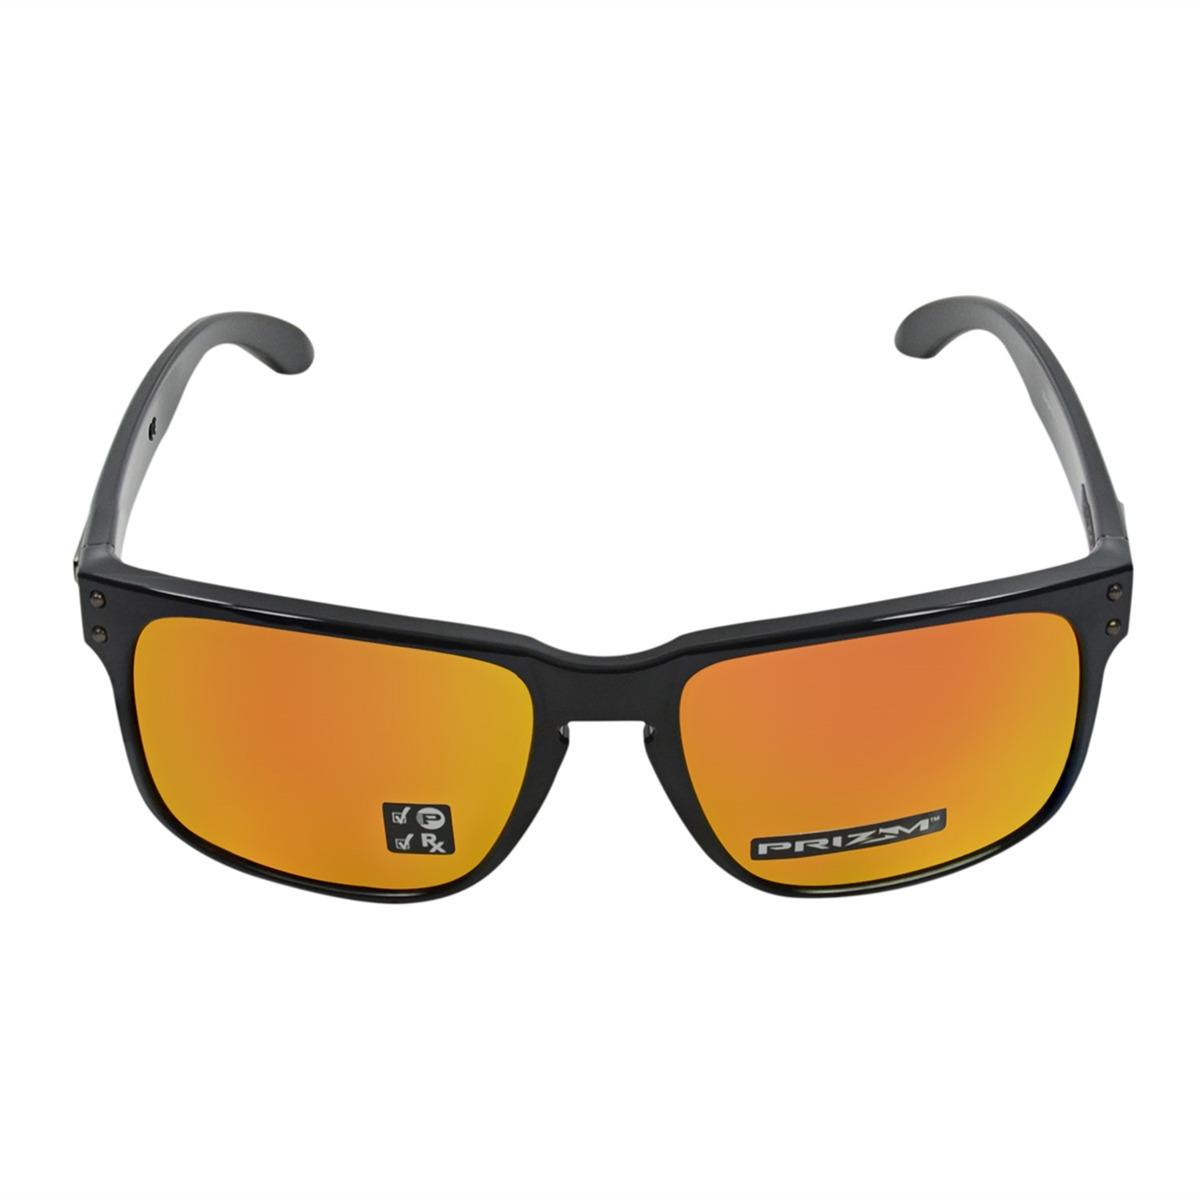 ad65e531b8125 Óculos Oakley Holbrook New Rubi - R  710,00 em Mercado Livre